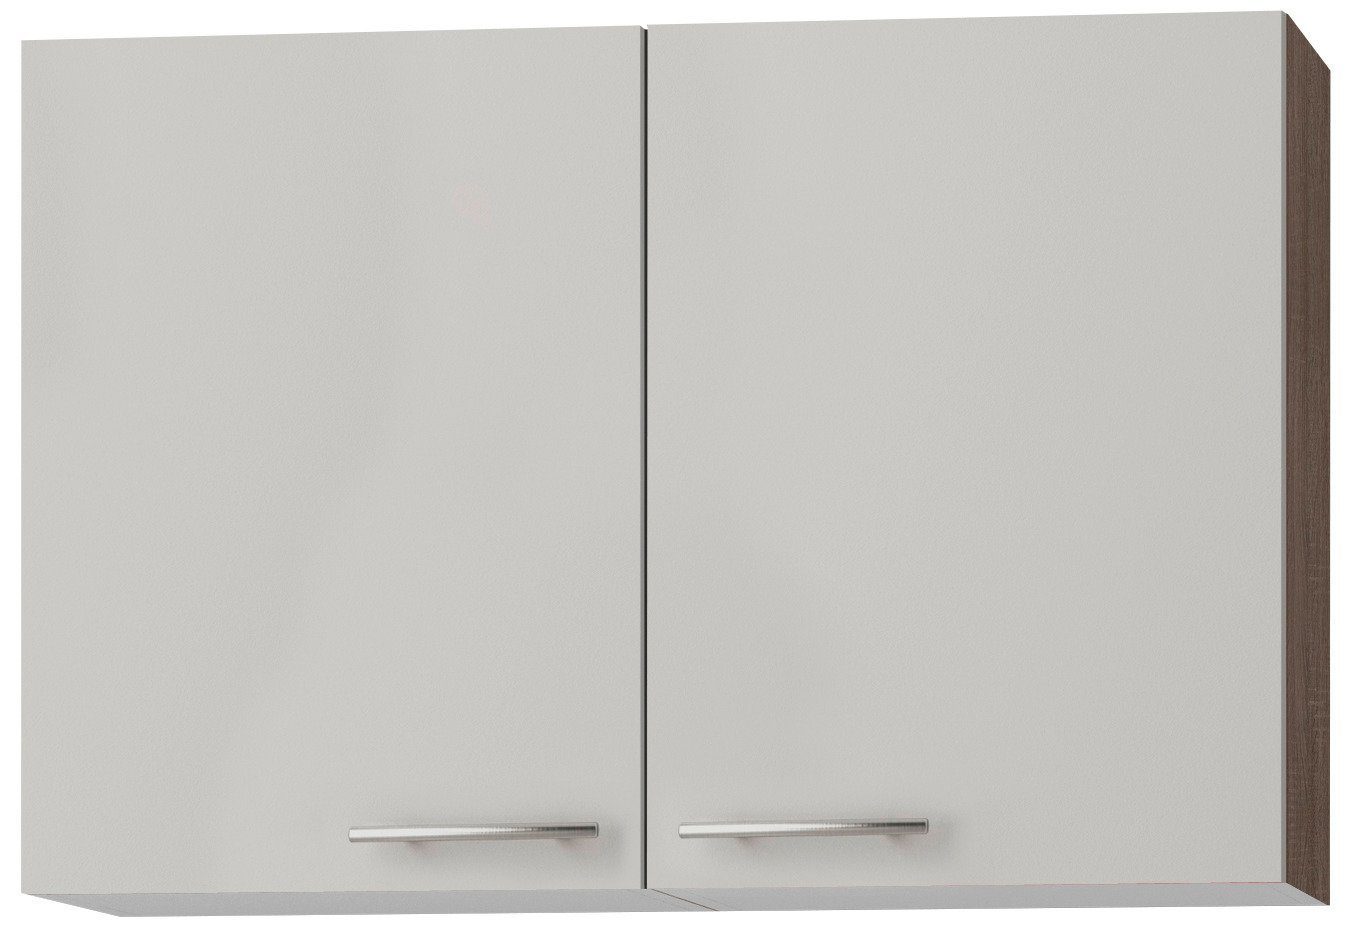 Küchenhängeschrank »Mika«, Breite 100 cm